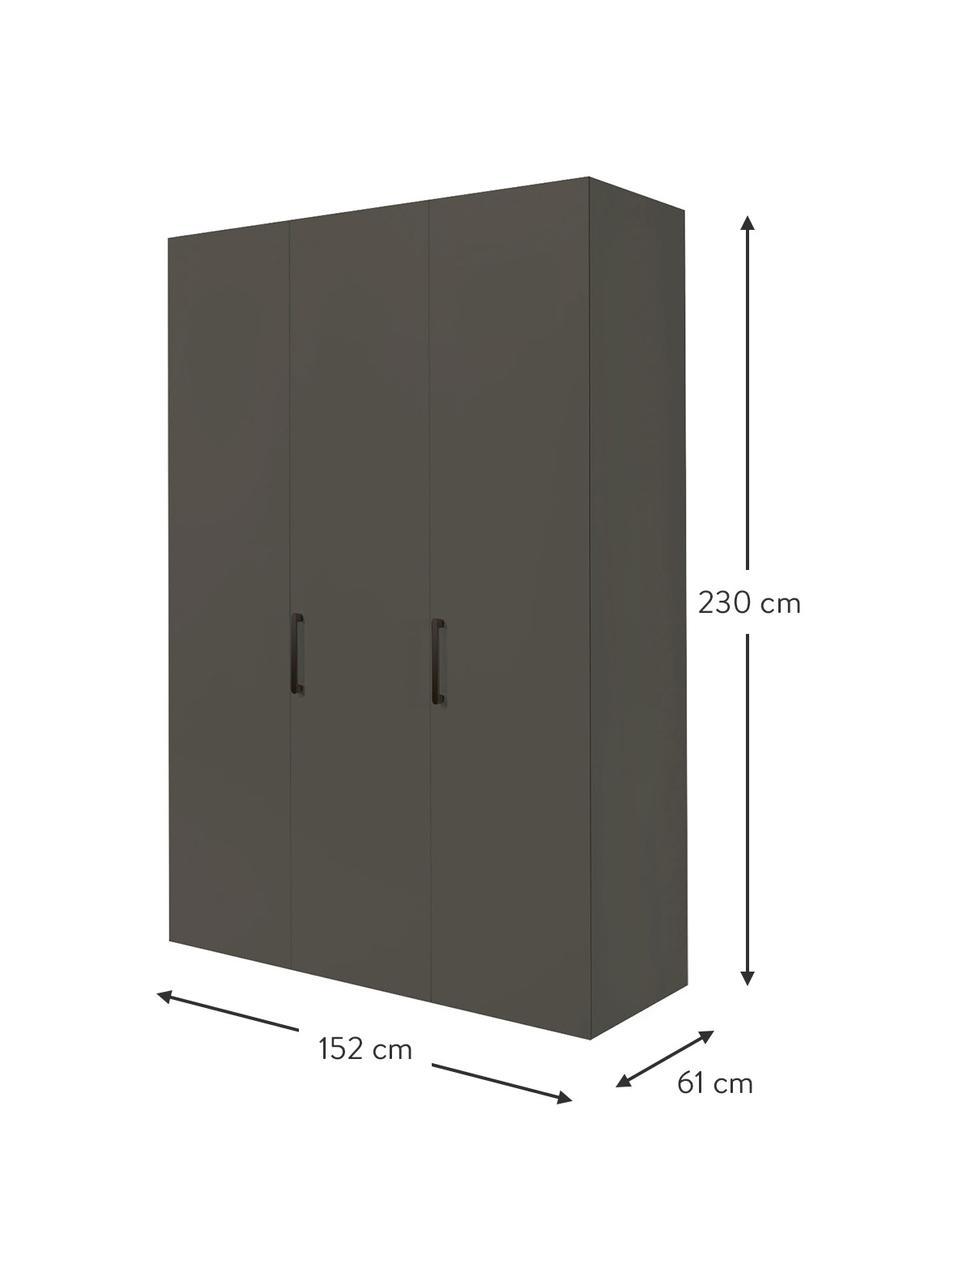 Kleiderschrank Madison 3-türig, inkl. Montageservice, Korpus: Holzwerkstoffplatten, lac, Grau, Ohne Spiegeltür, 152 x 230 cm